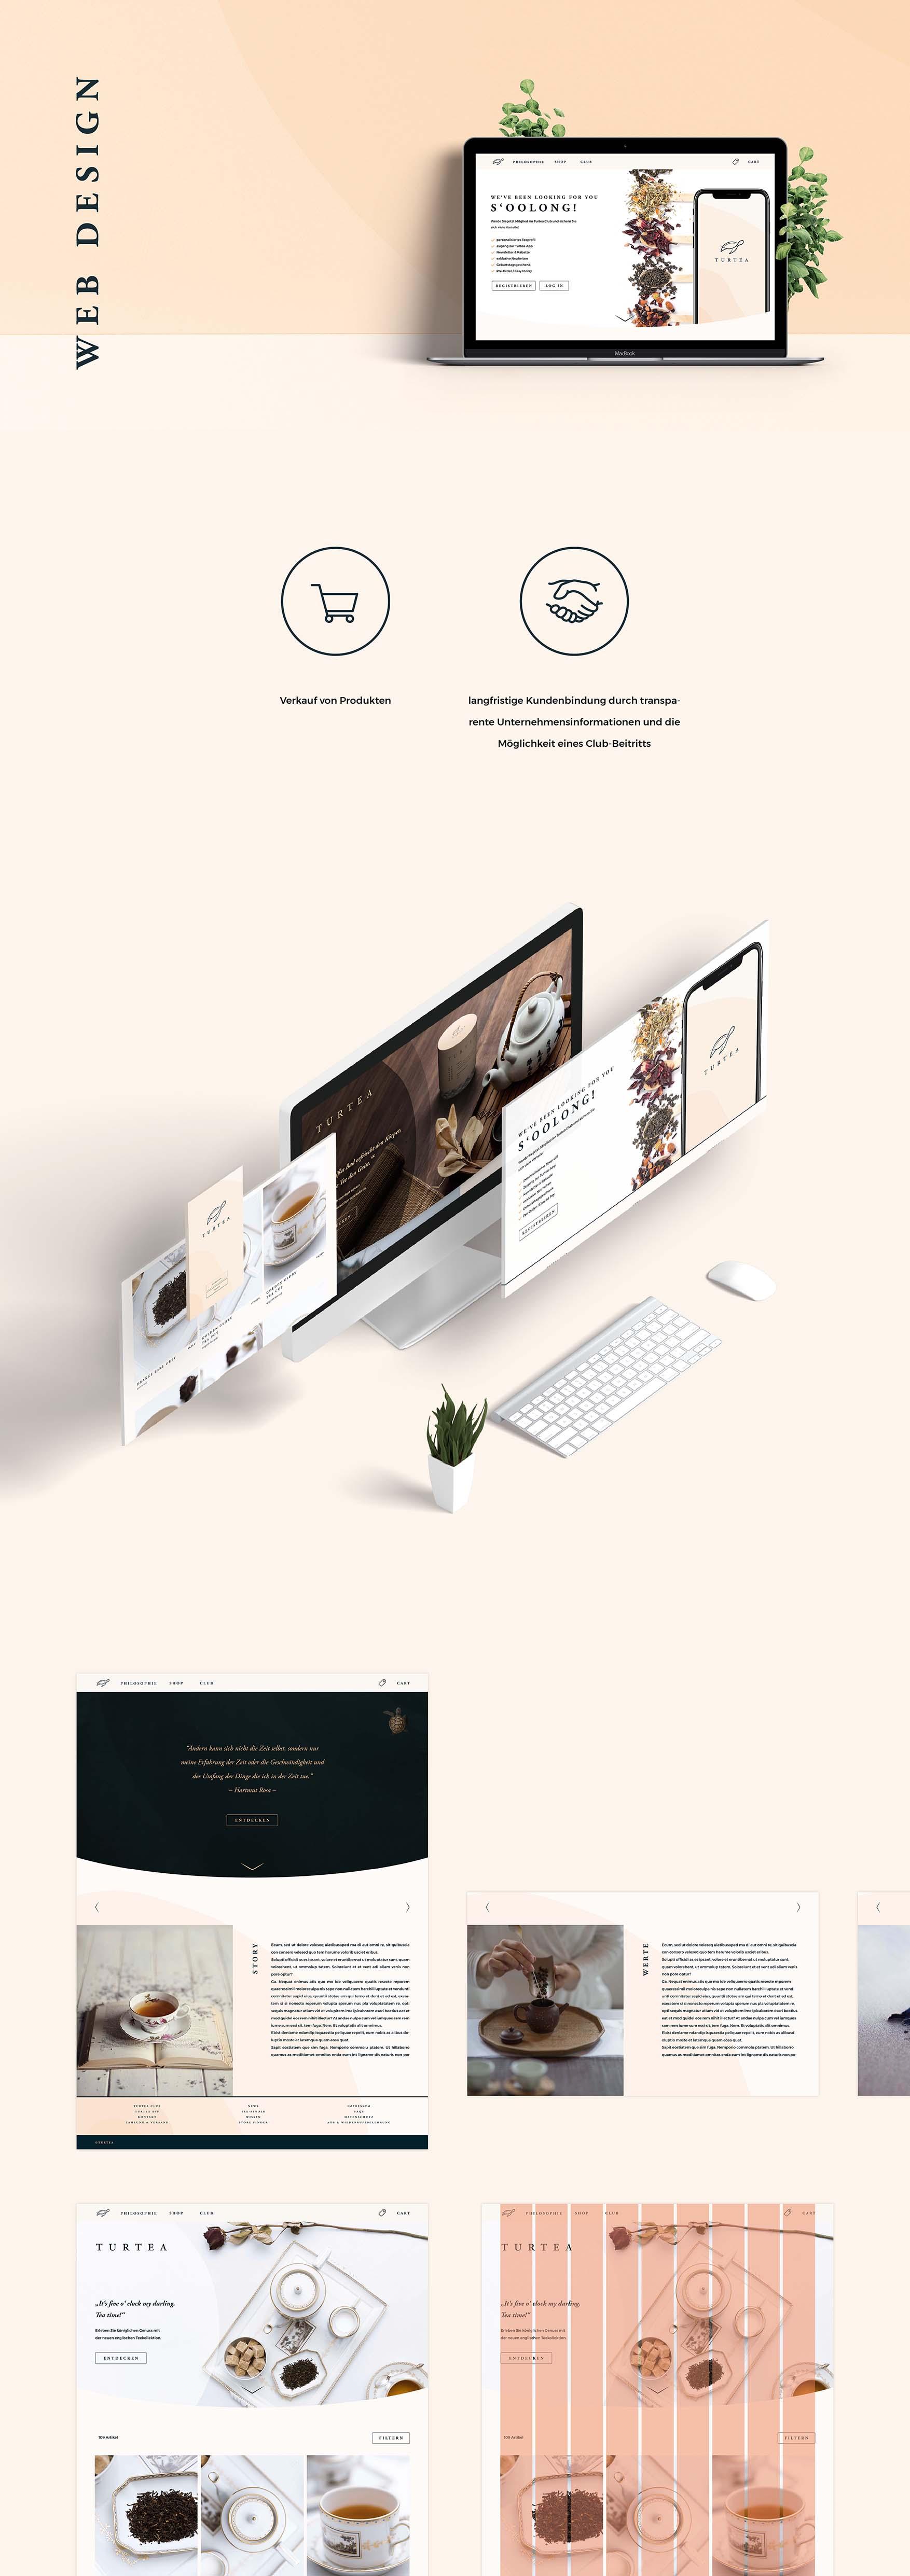 04_Web.jpg